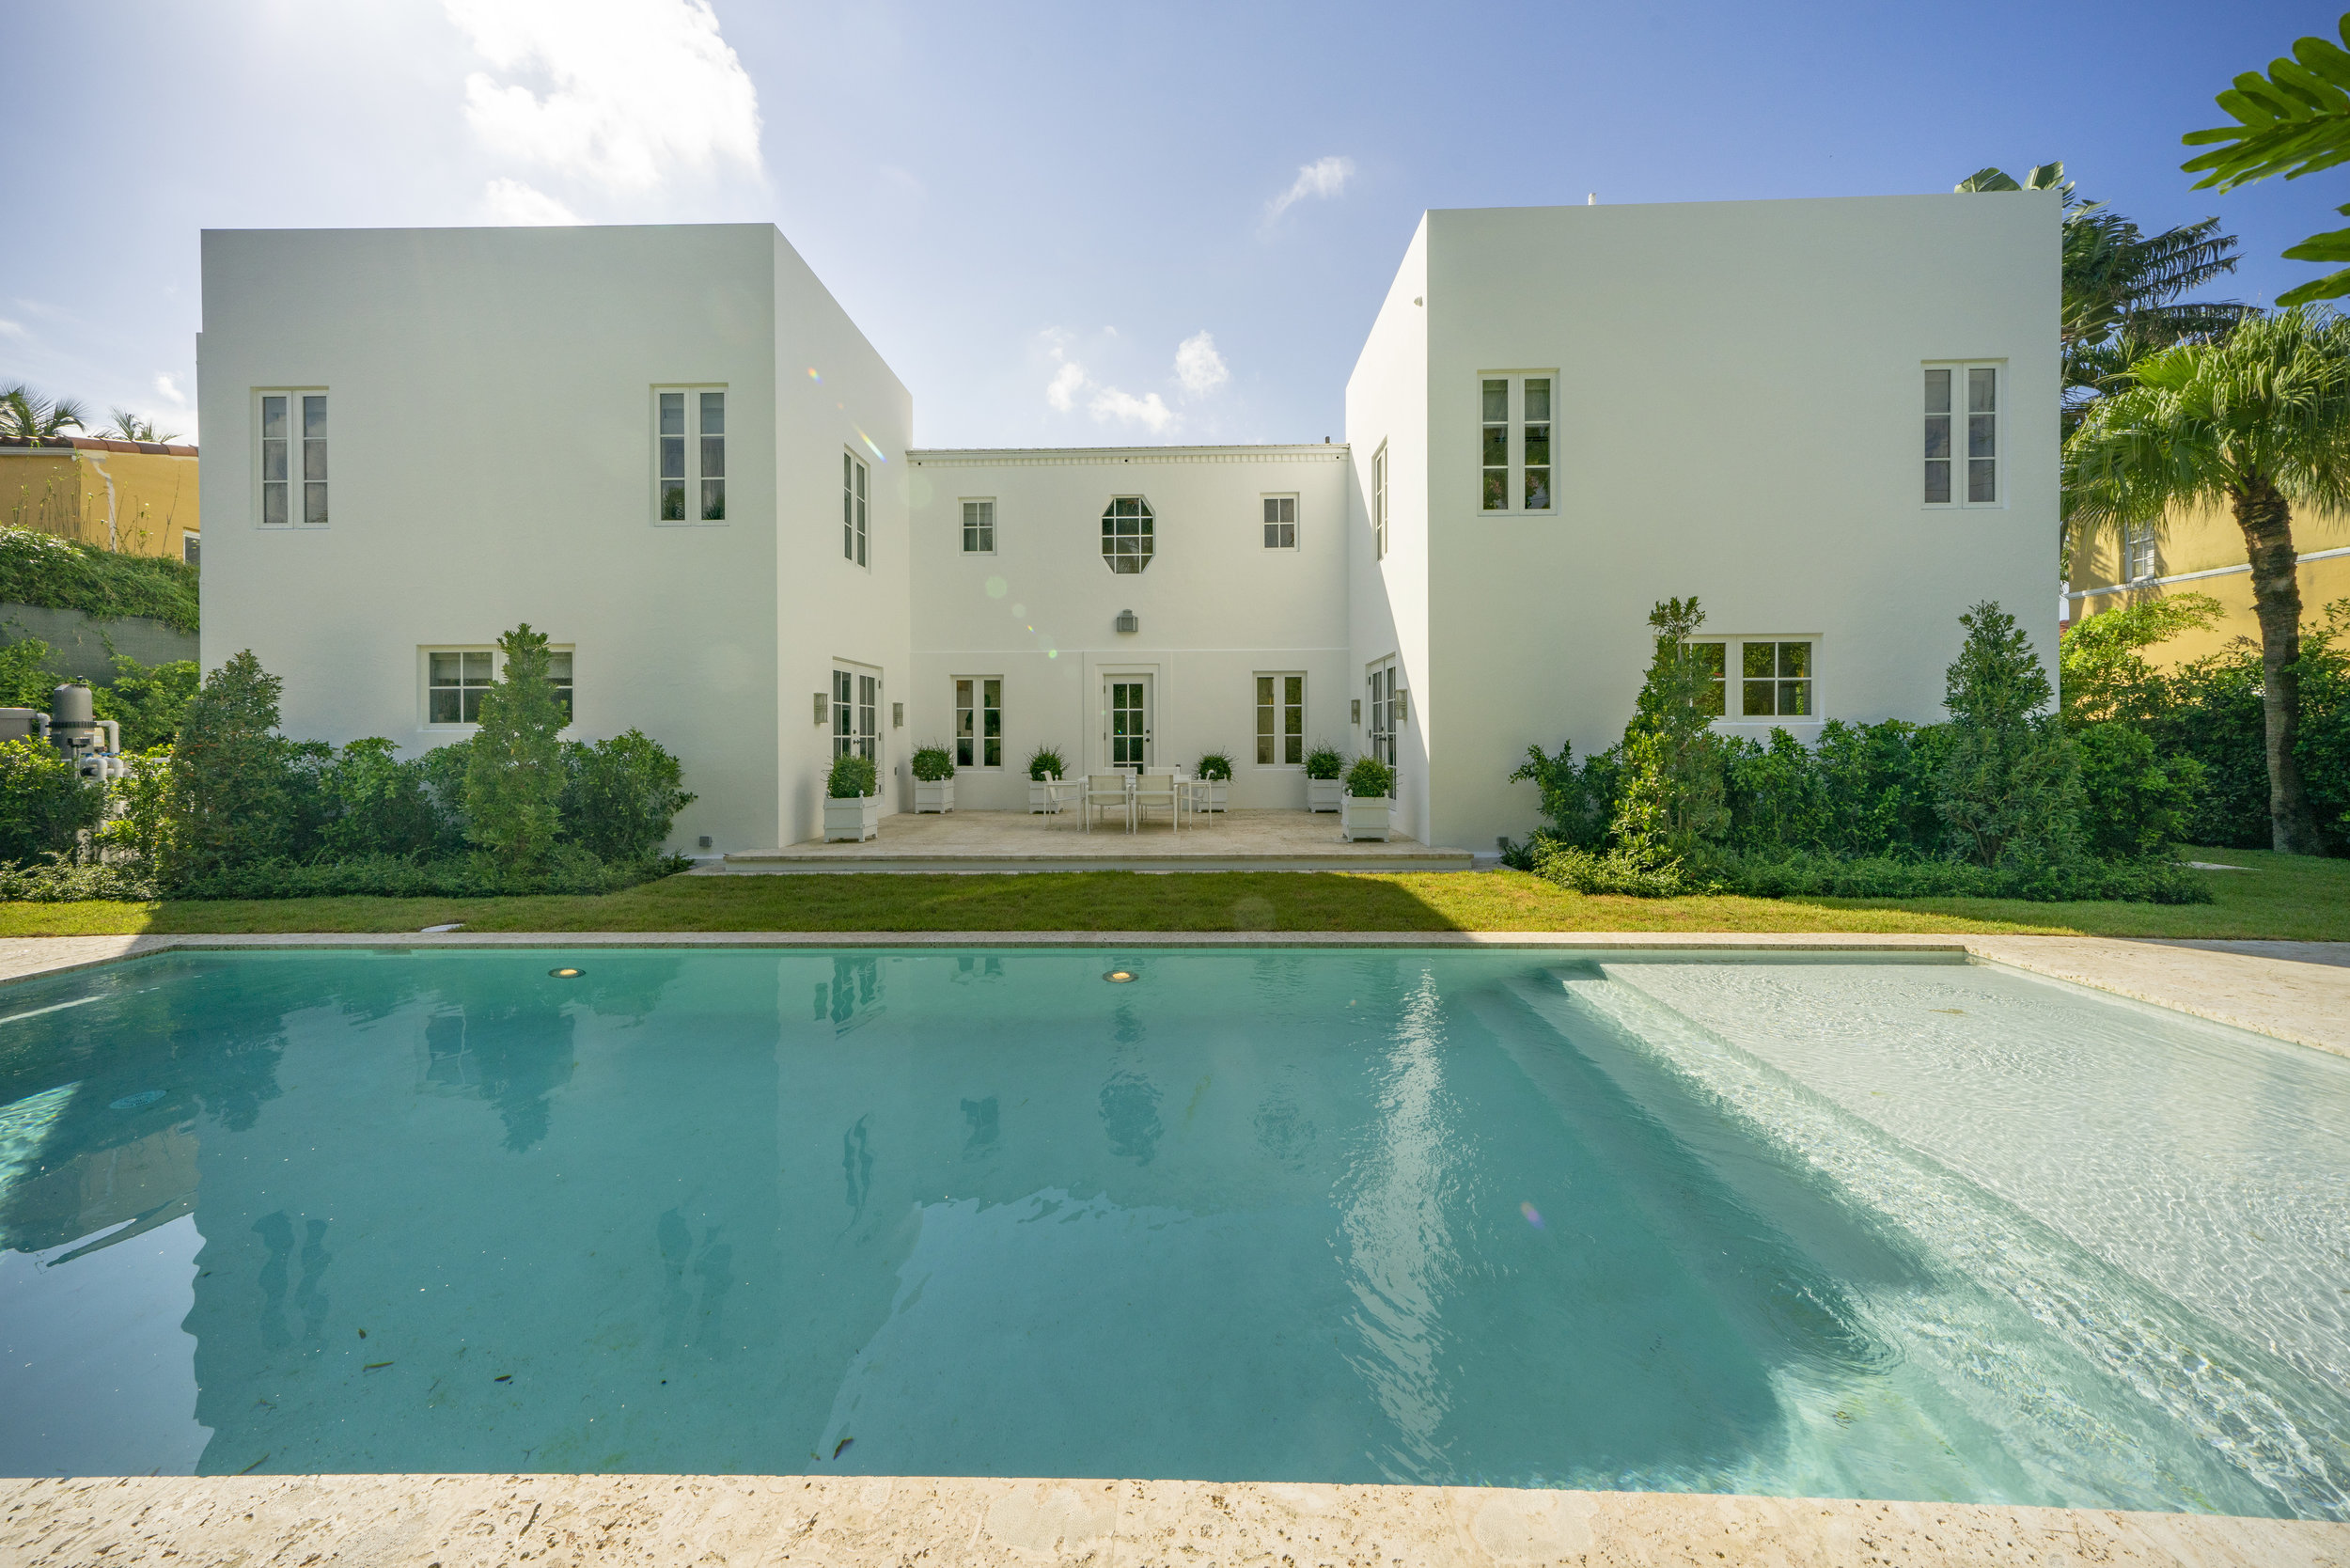 Tour This Modernized 1934 Art Deco Masterpiece On Miami Beach Asking $5.6 Million